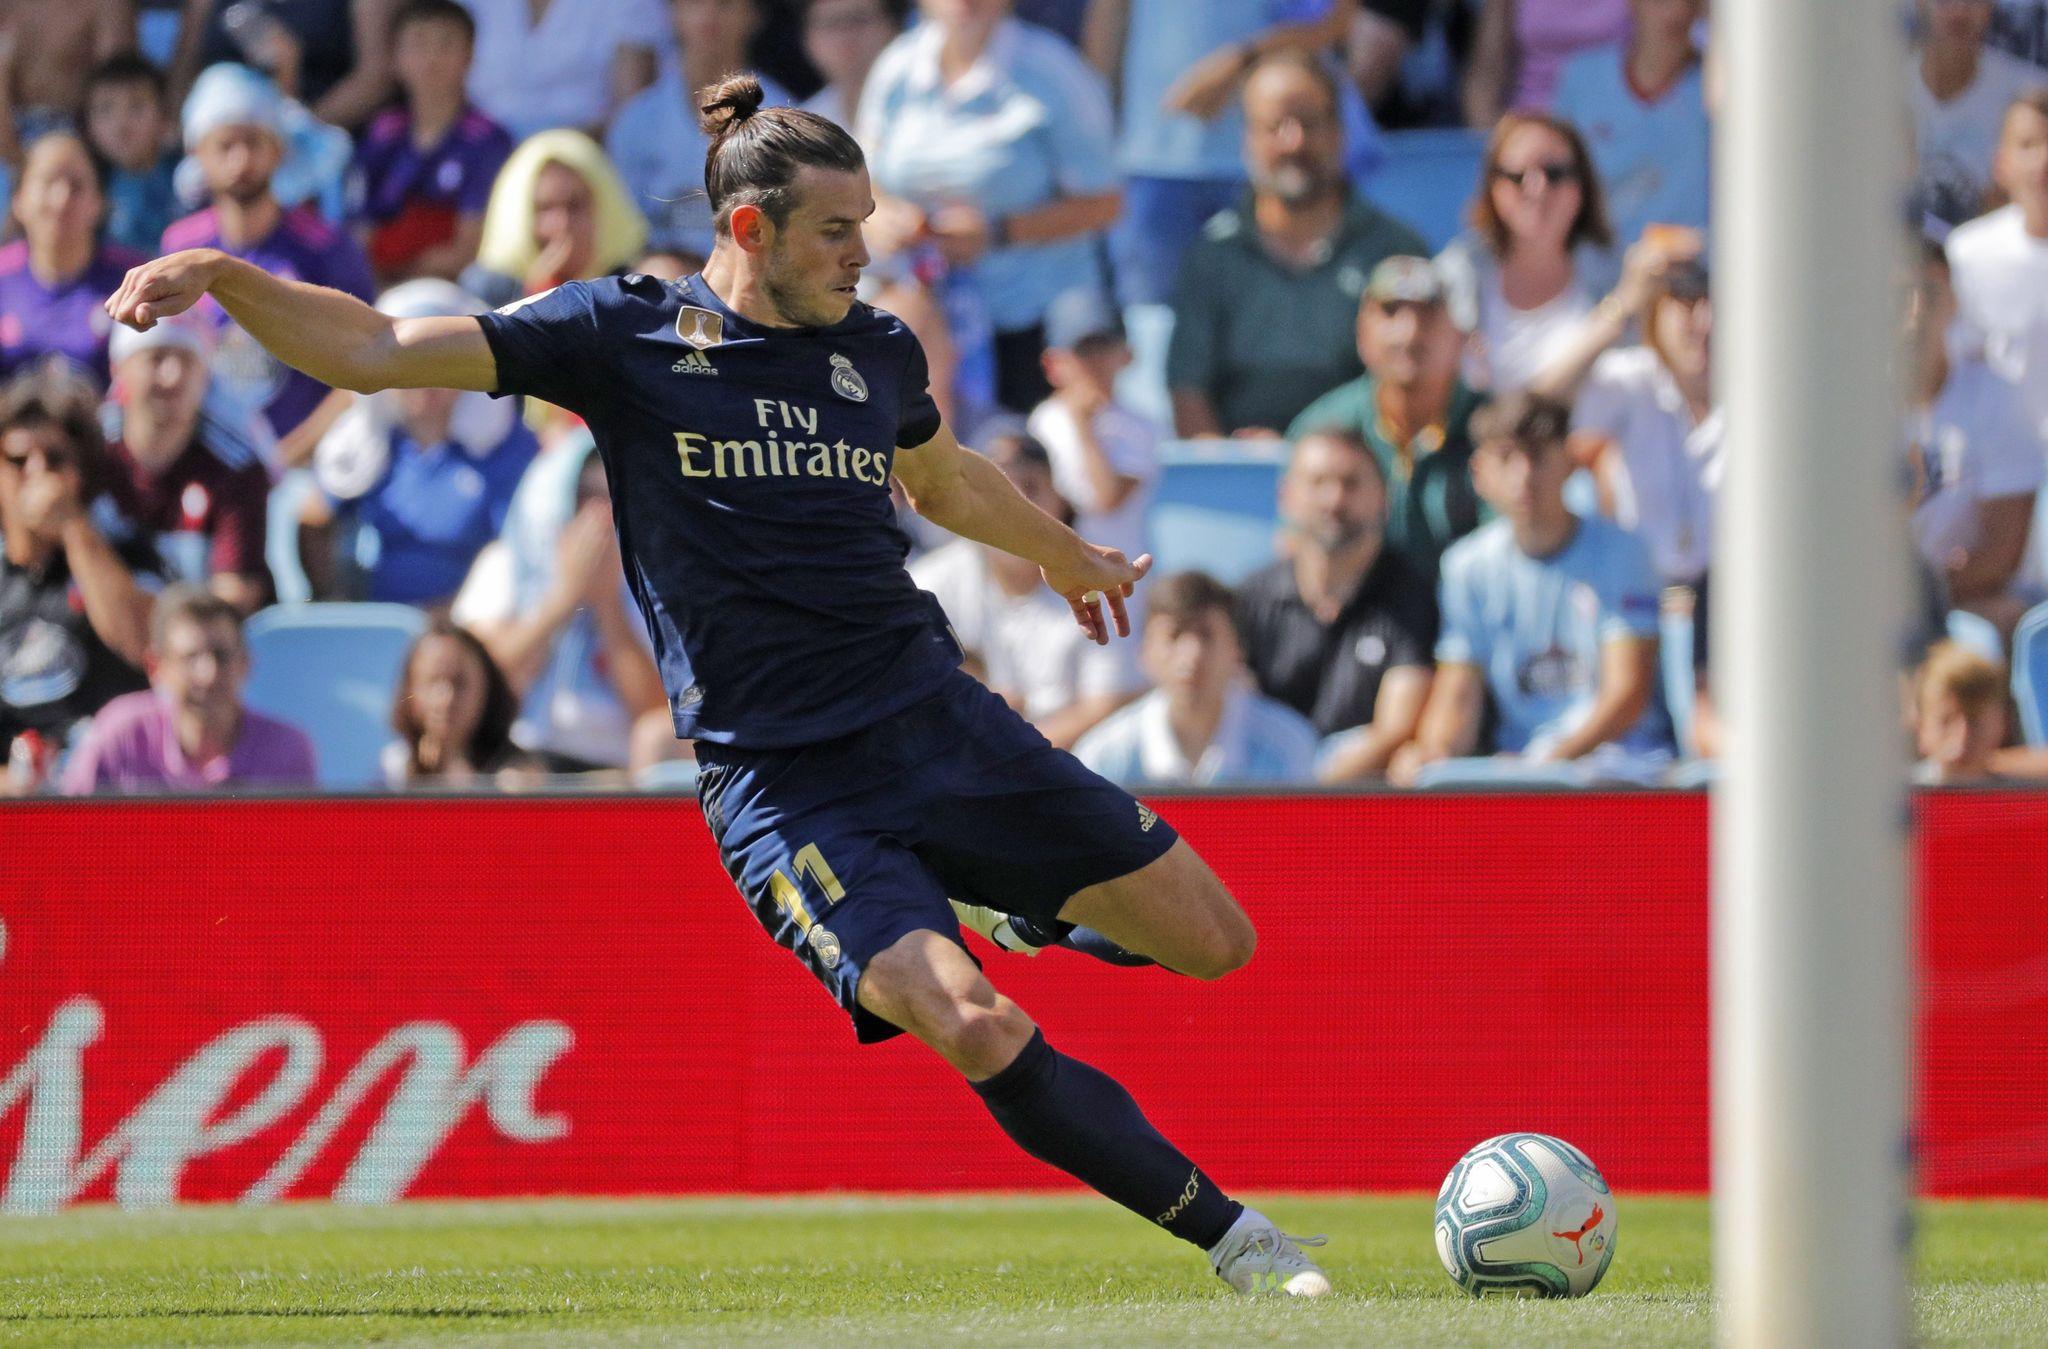 GRAF7382. VIGO, 17/08/2019.- El jugador del Real Madrid Gareth <HIT>Bale</HIT> durante el partido que disputó ante el Celta de Vigo, correspondiente a la primera jornada de LaLiga Santander, en el estadio de Balaídos, en Vigo. EFE/Lavandeira Jr